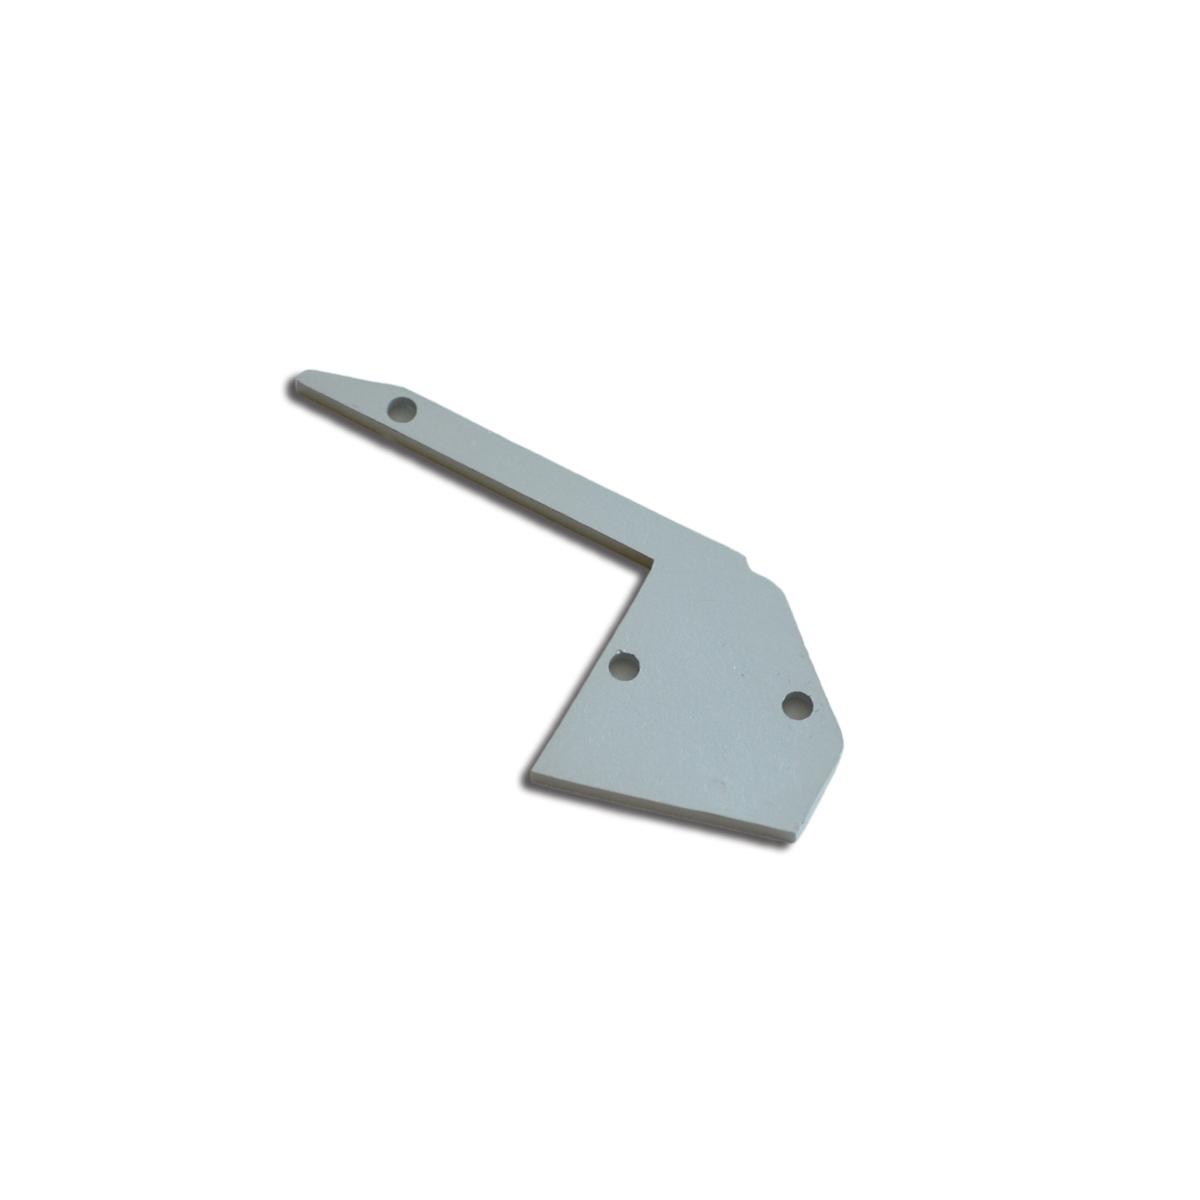 Profili per gradini Accessori LEST54AS Profilitec